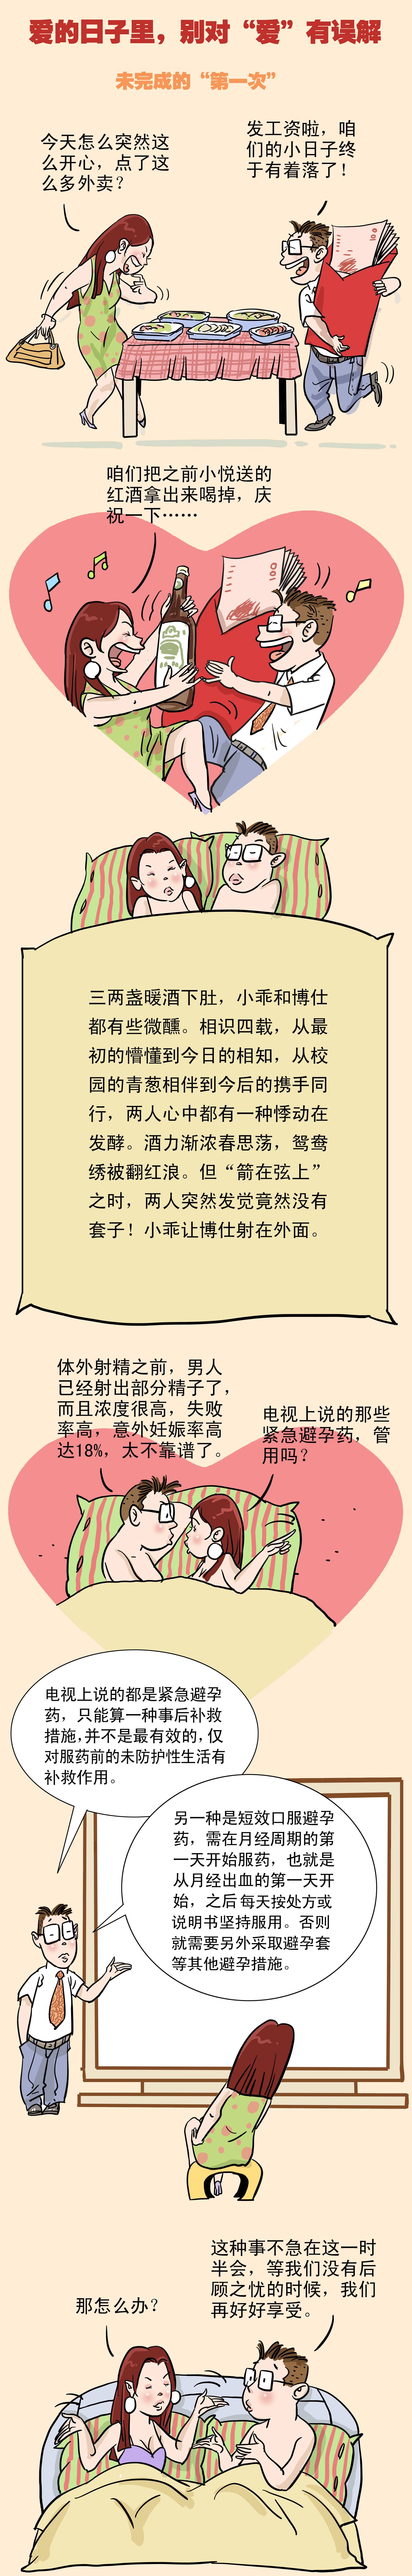 爱康集团×Airdoc×眼科大数据实验室第一个基于人工智能《中国体检人群眼底健康蓝皮书》